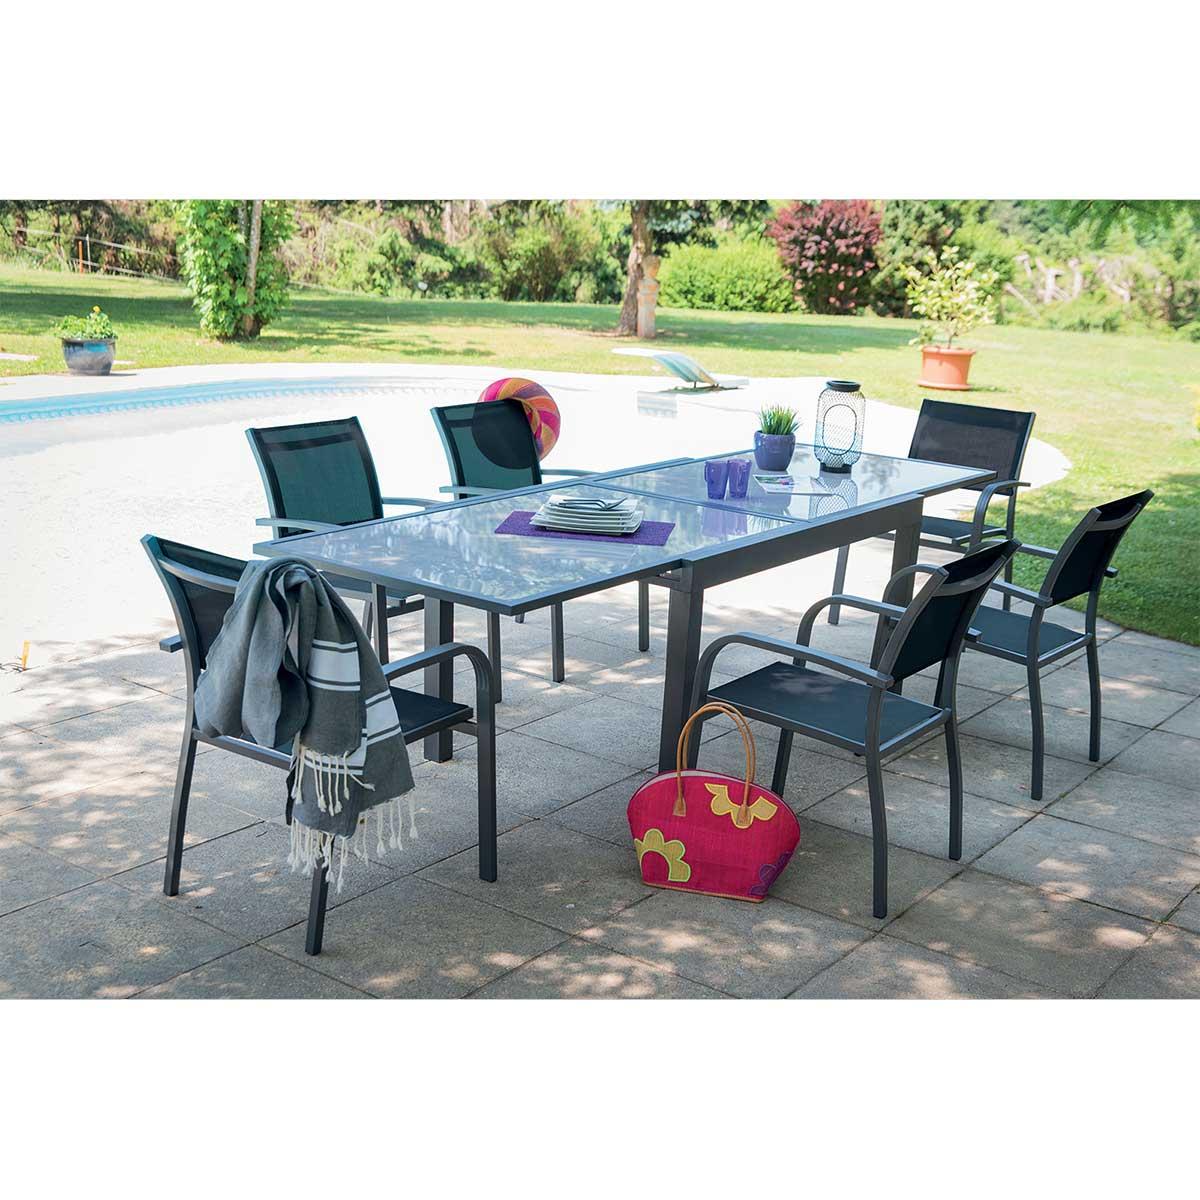 Salon de jardin avec rallonge et fauteuils (Anthracite)